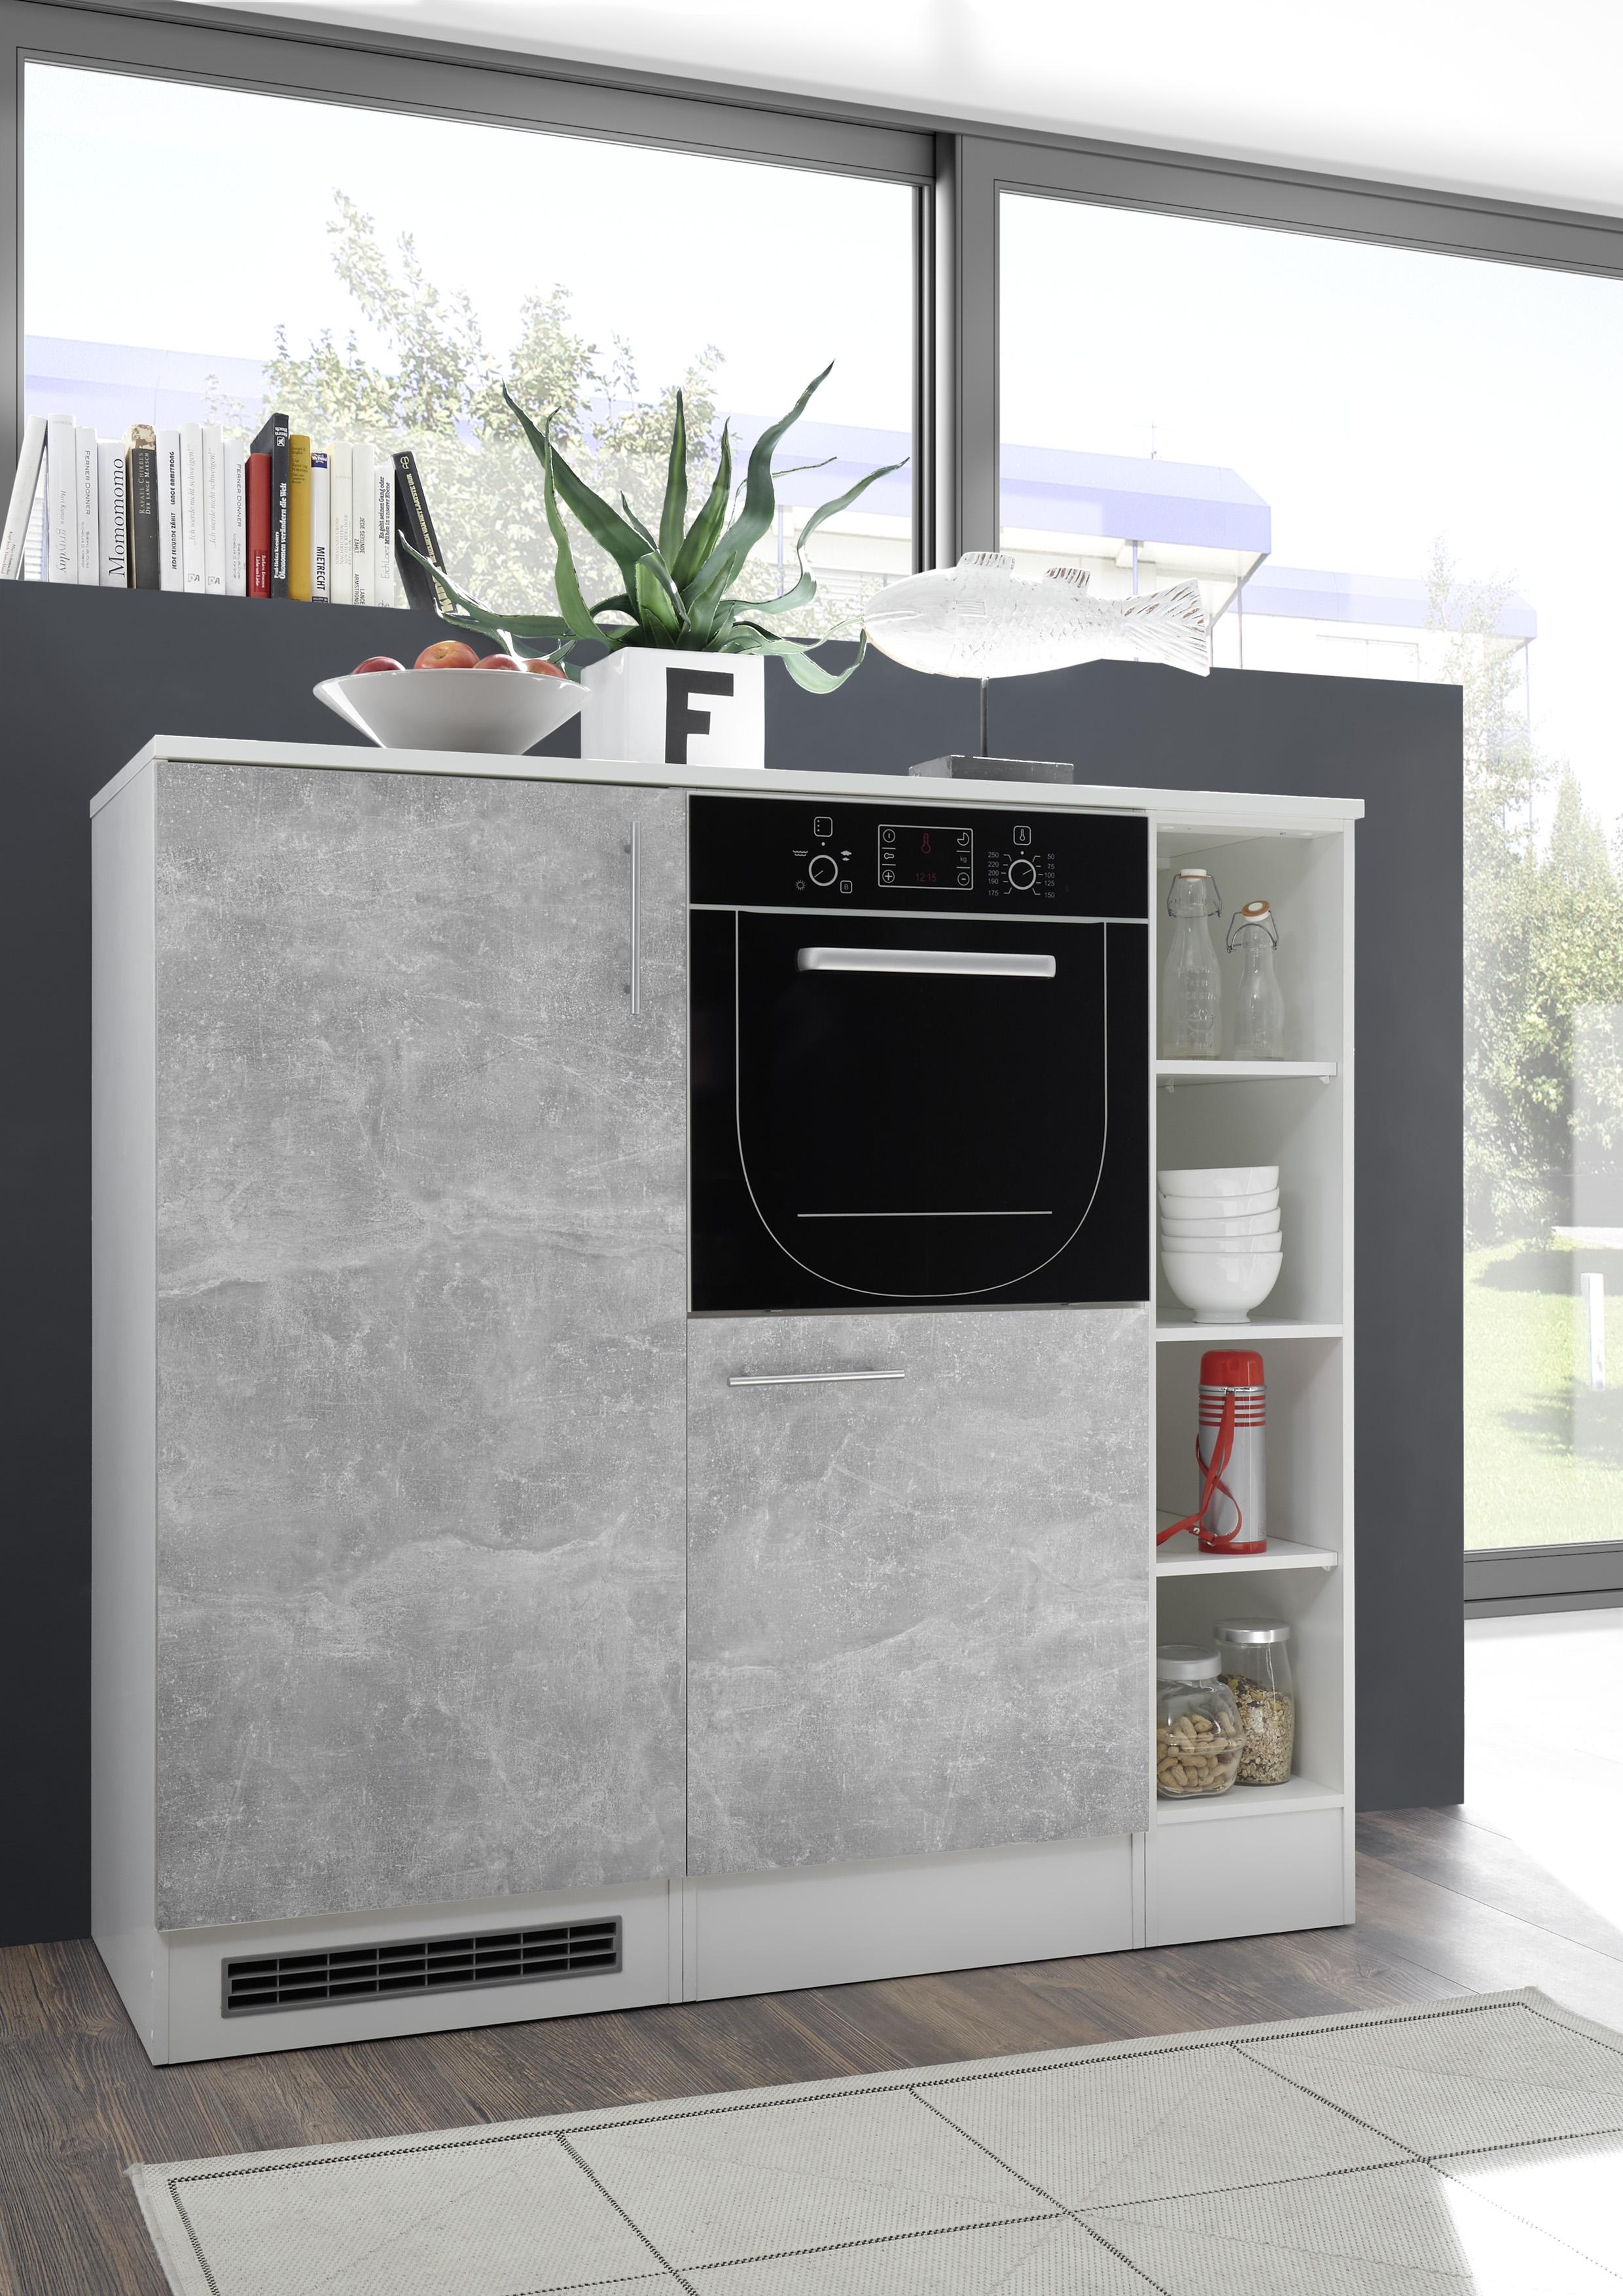 k che k chenblock k chenzeile 260cm einbauk che minik che singlek che grau opt ebay. Black Bedroom Furniture Sets. Home Design Ideas